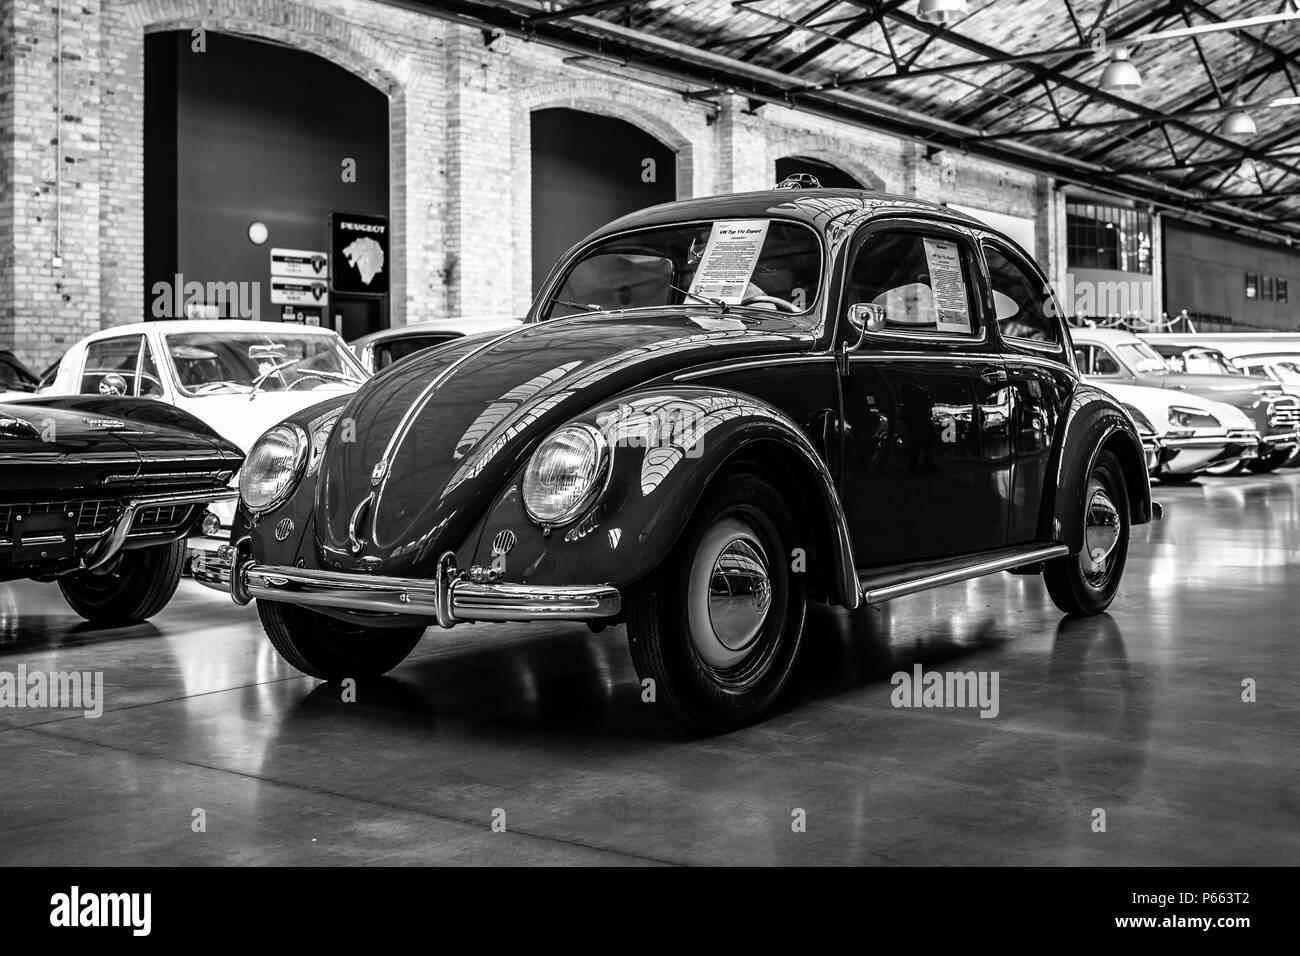 Economy car Volkswagen Beetle Export Modell Typ 11C,1951. - Stock Image